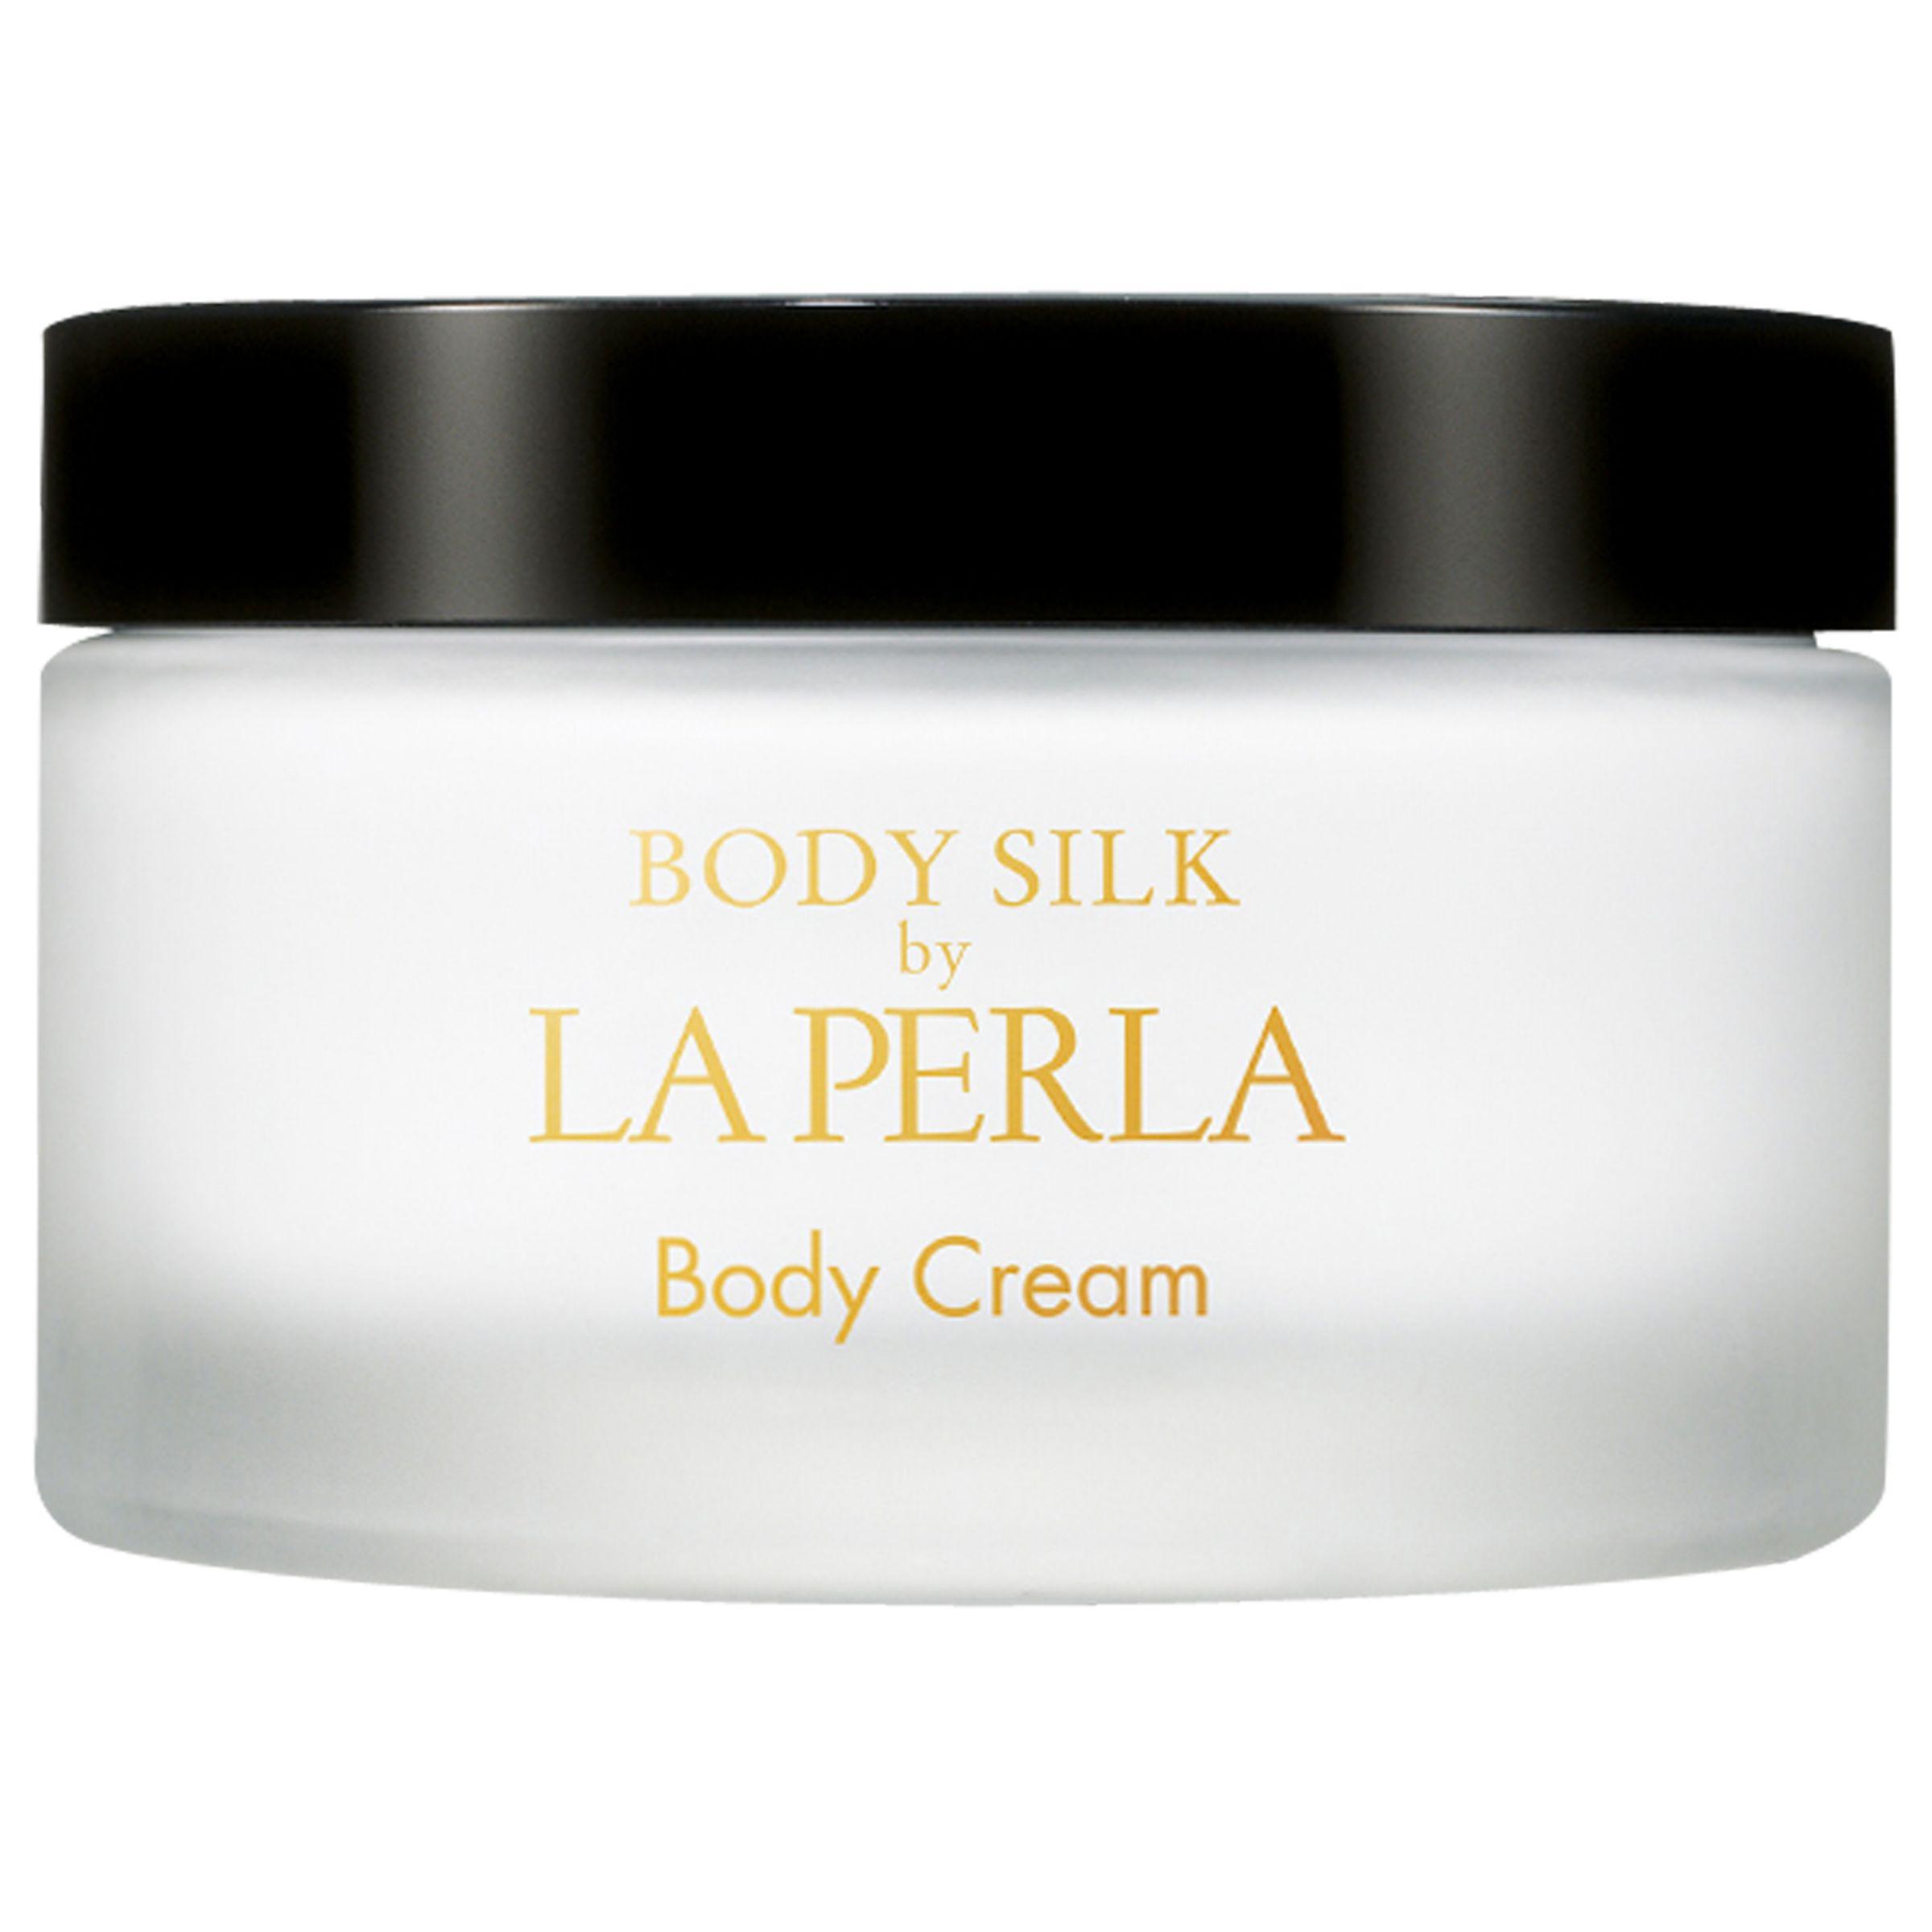 desconcertado Médula ósea si puedes  La Perla Body Silk Cream, 200ml at John Lewis & Partners